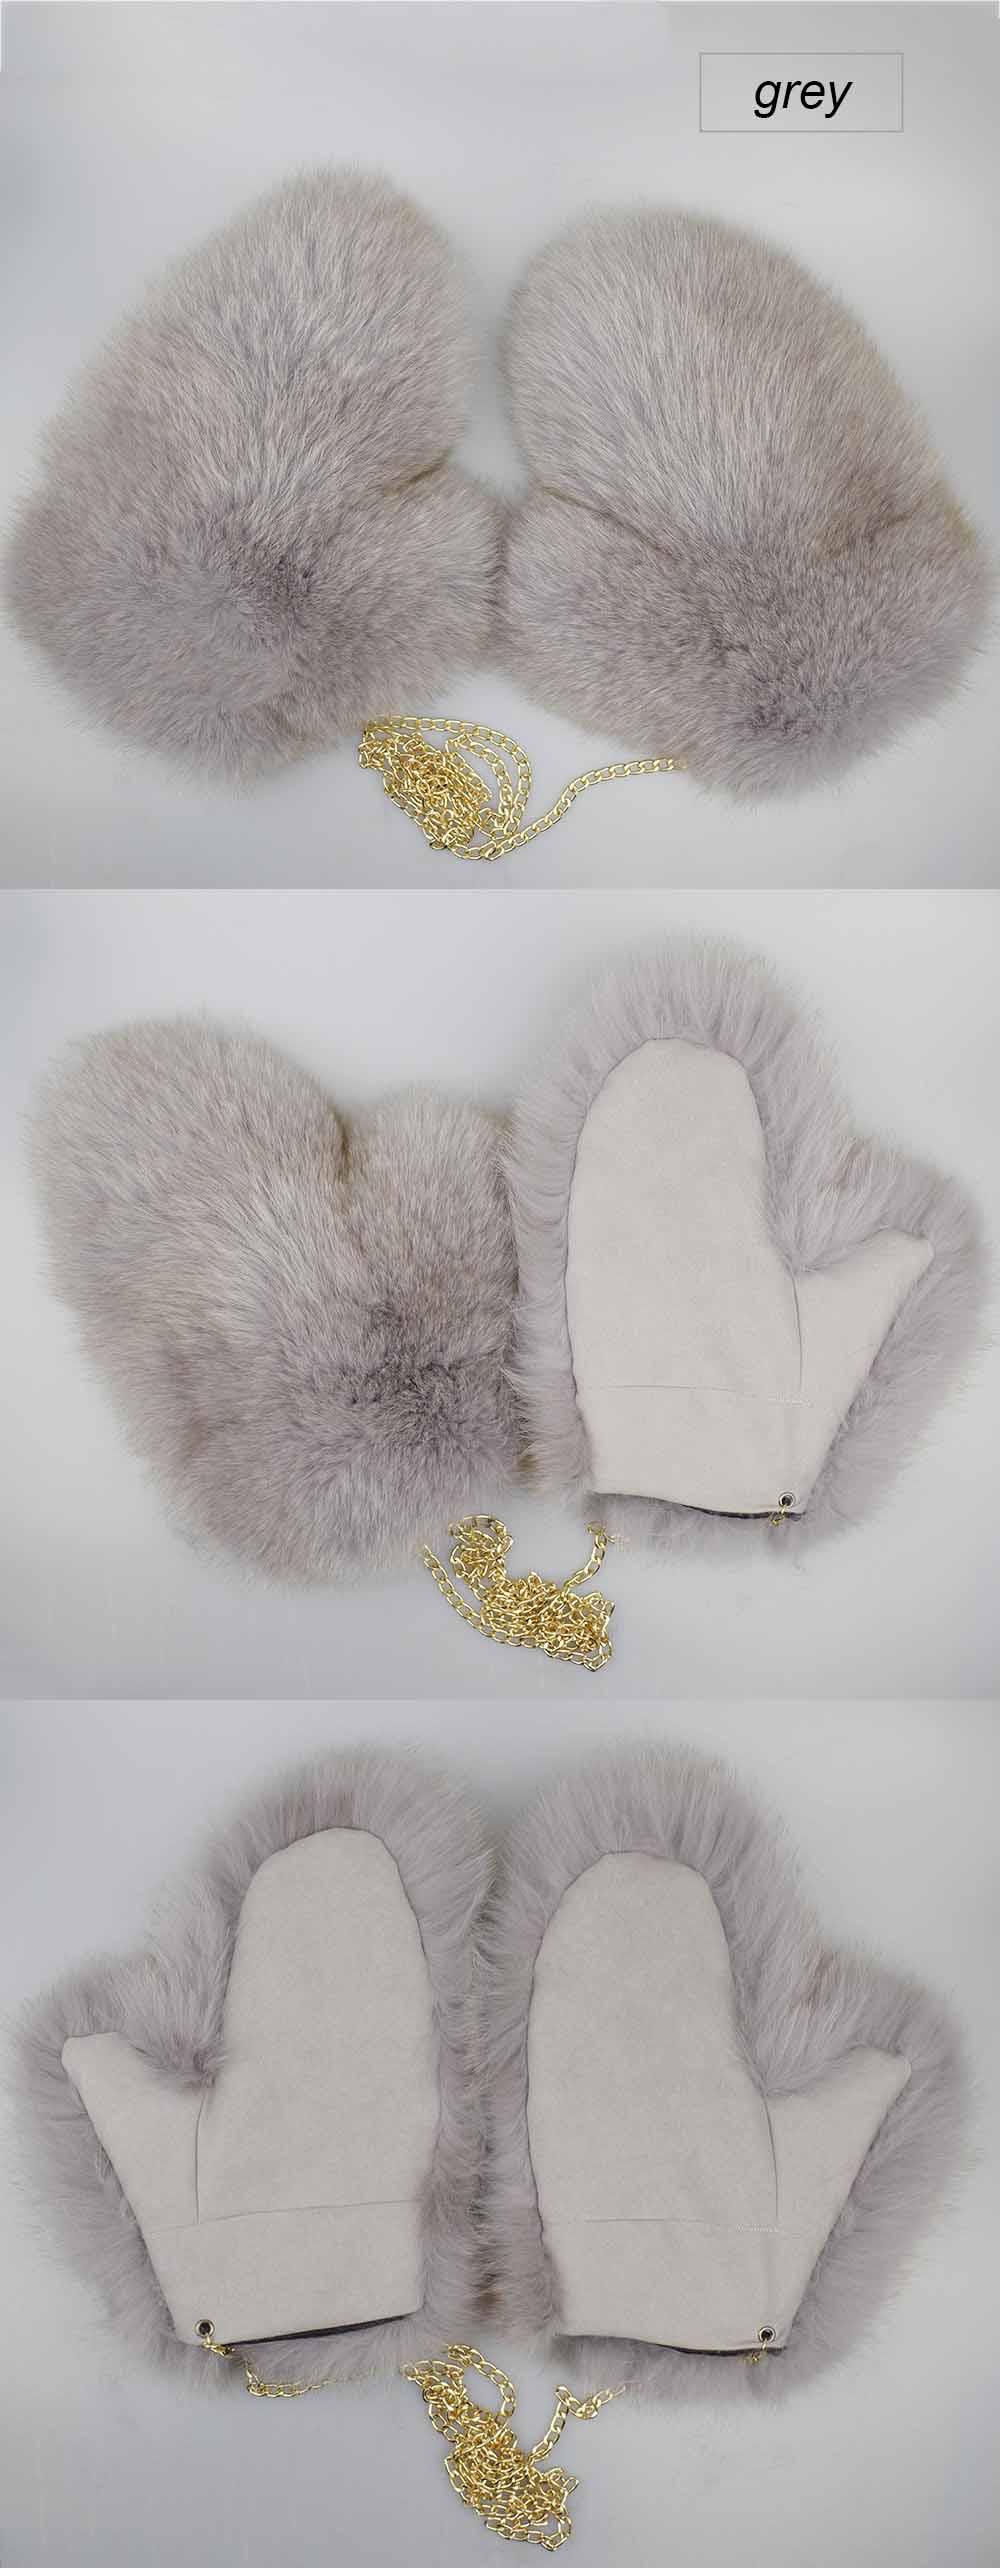 fox fur gloves color grey